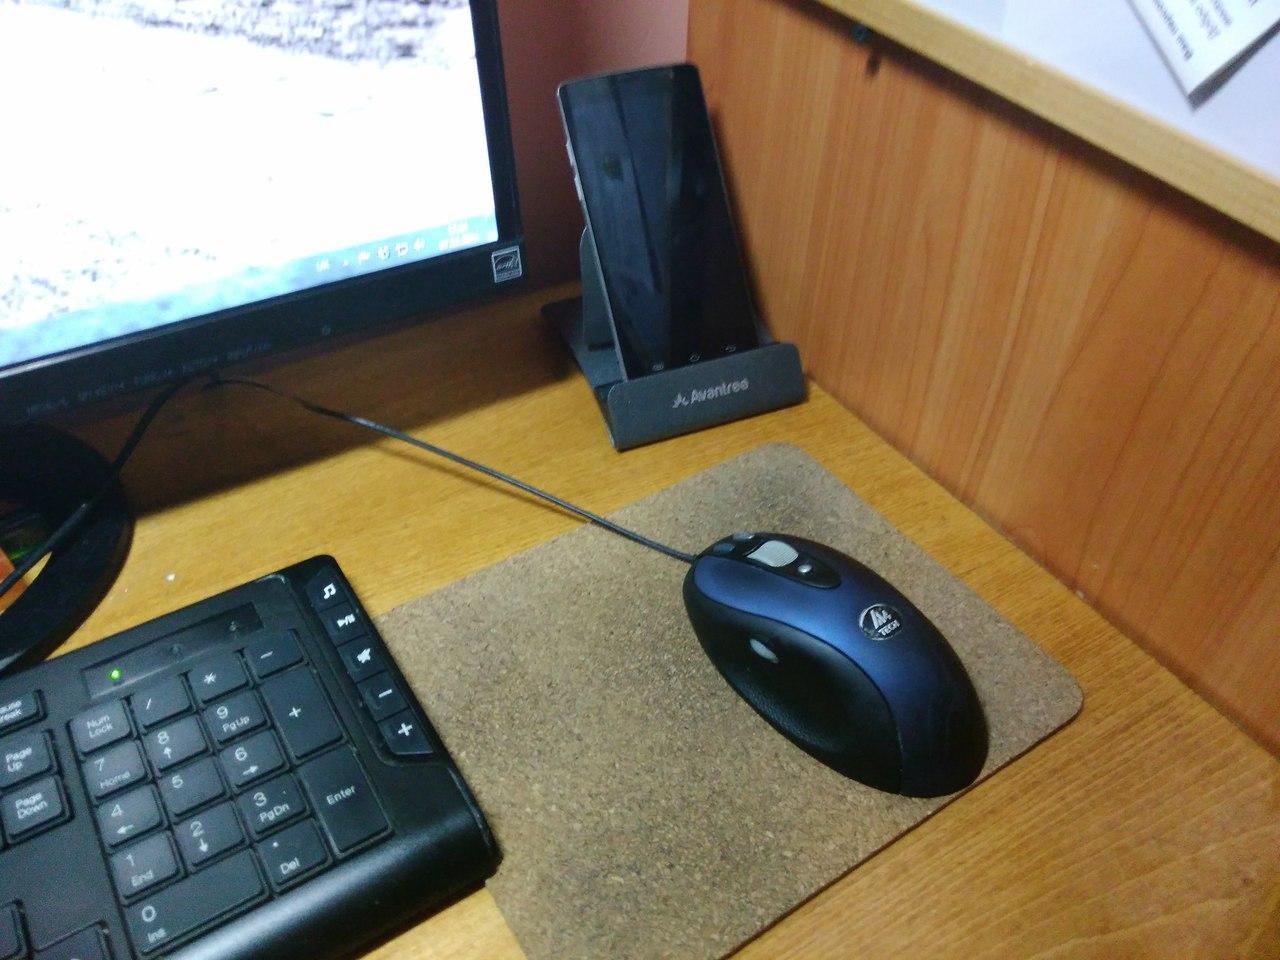 Другие - Китай: Подставка под планшет или телефон Avantree